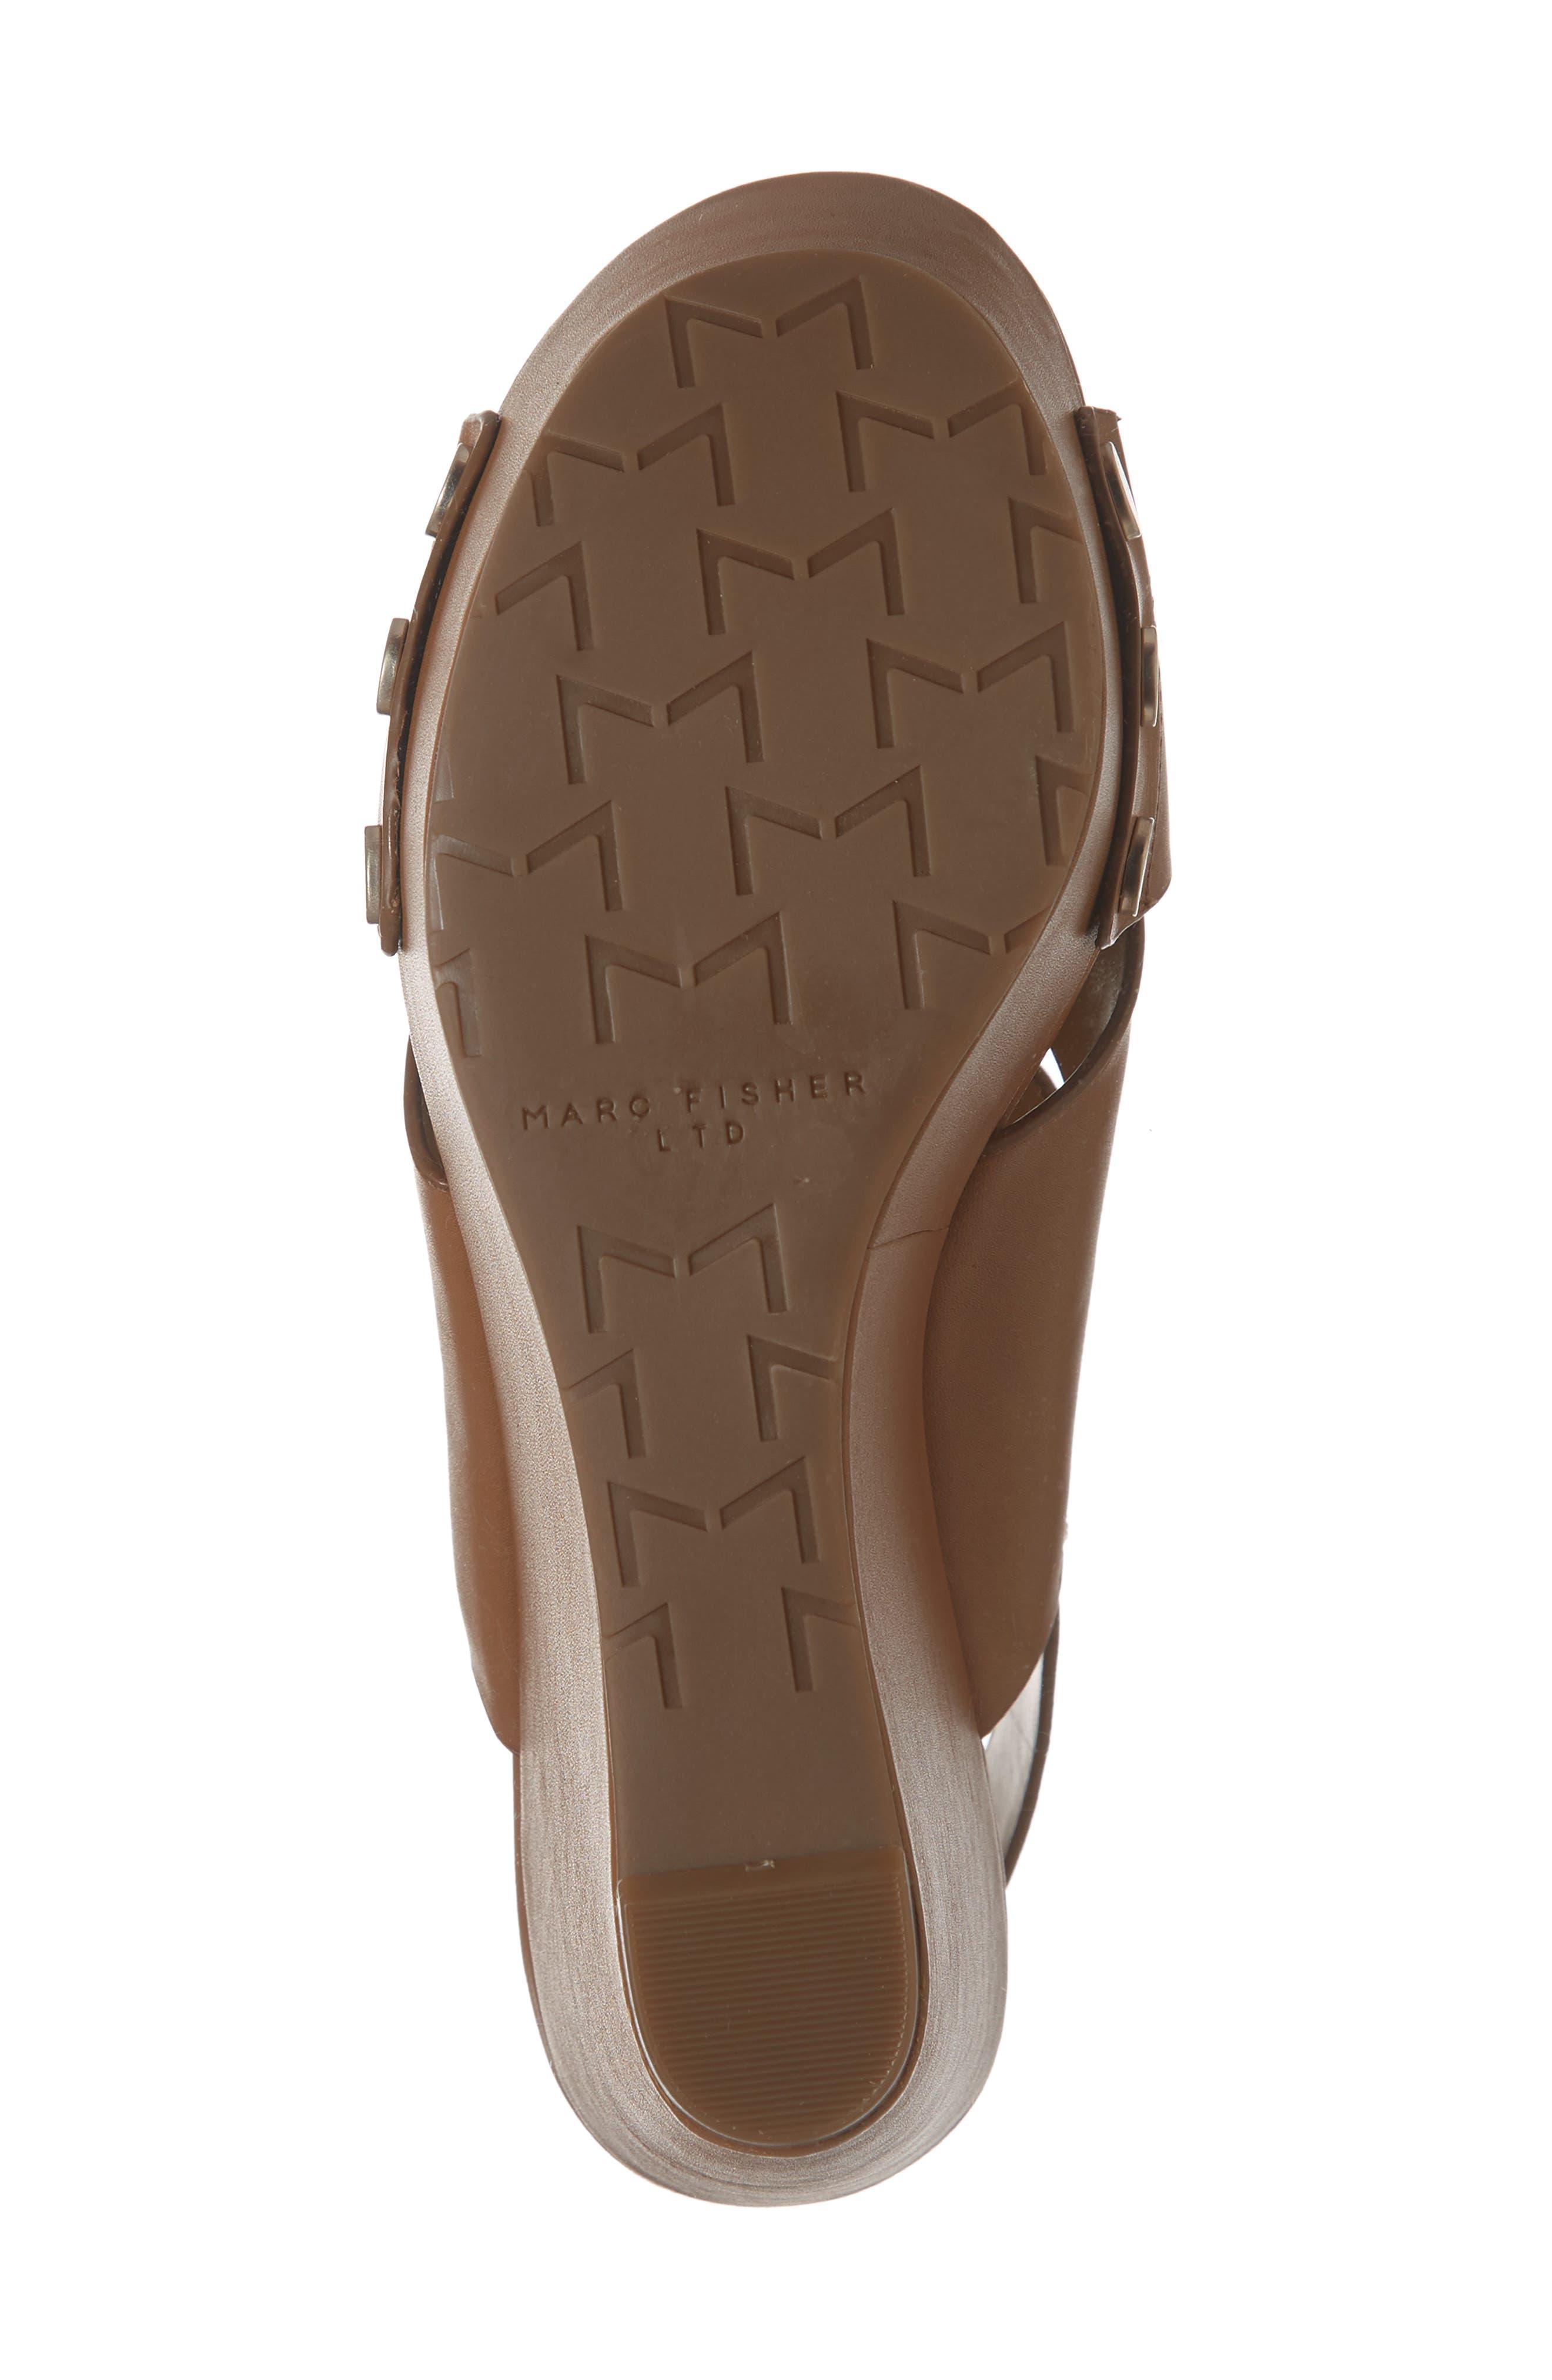 Bianka Platform Wedge Sandal,                             Alternate thumbnail 6, color,                             GINGER SNAP LEATHER